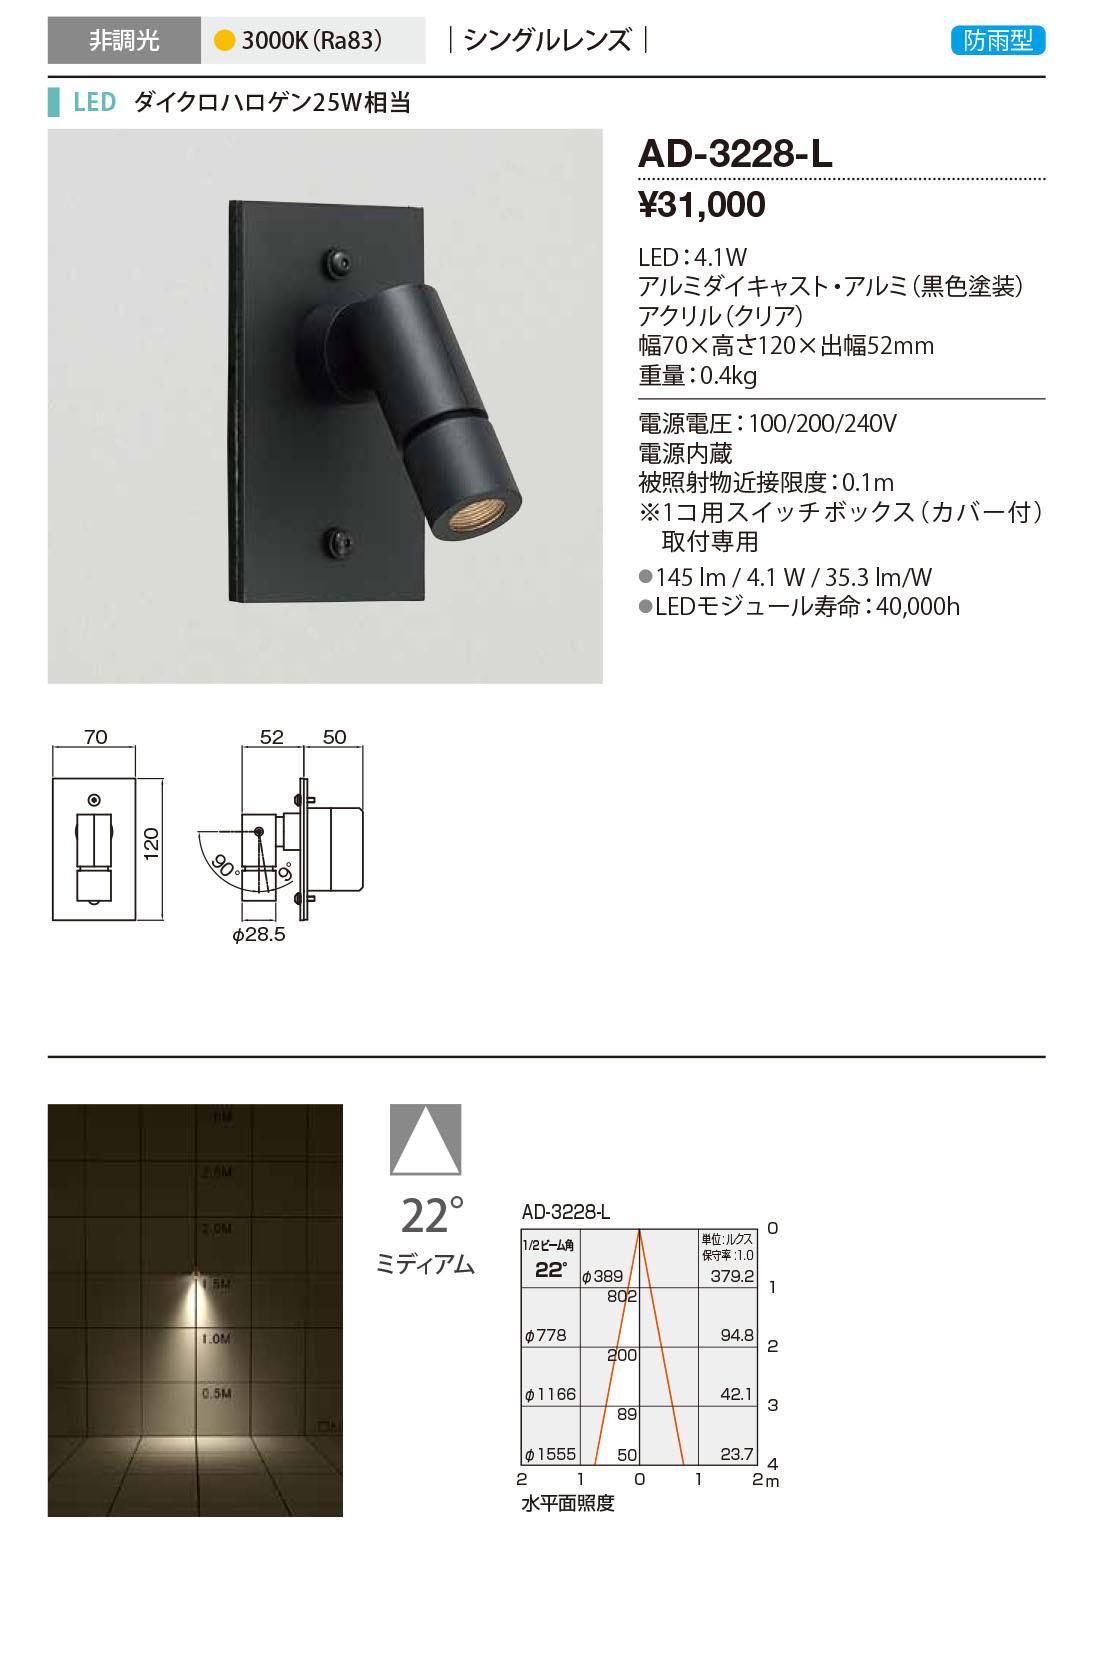 AD-3228-L 山田照明 照明器具 エクステリア LED一体型スポットライト コンパクト28 非調光 シングルレンズ 防雨型 ミディアム ダイクロハロゲン25W相当 電球色 AD-3228-L